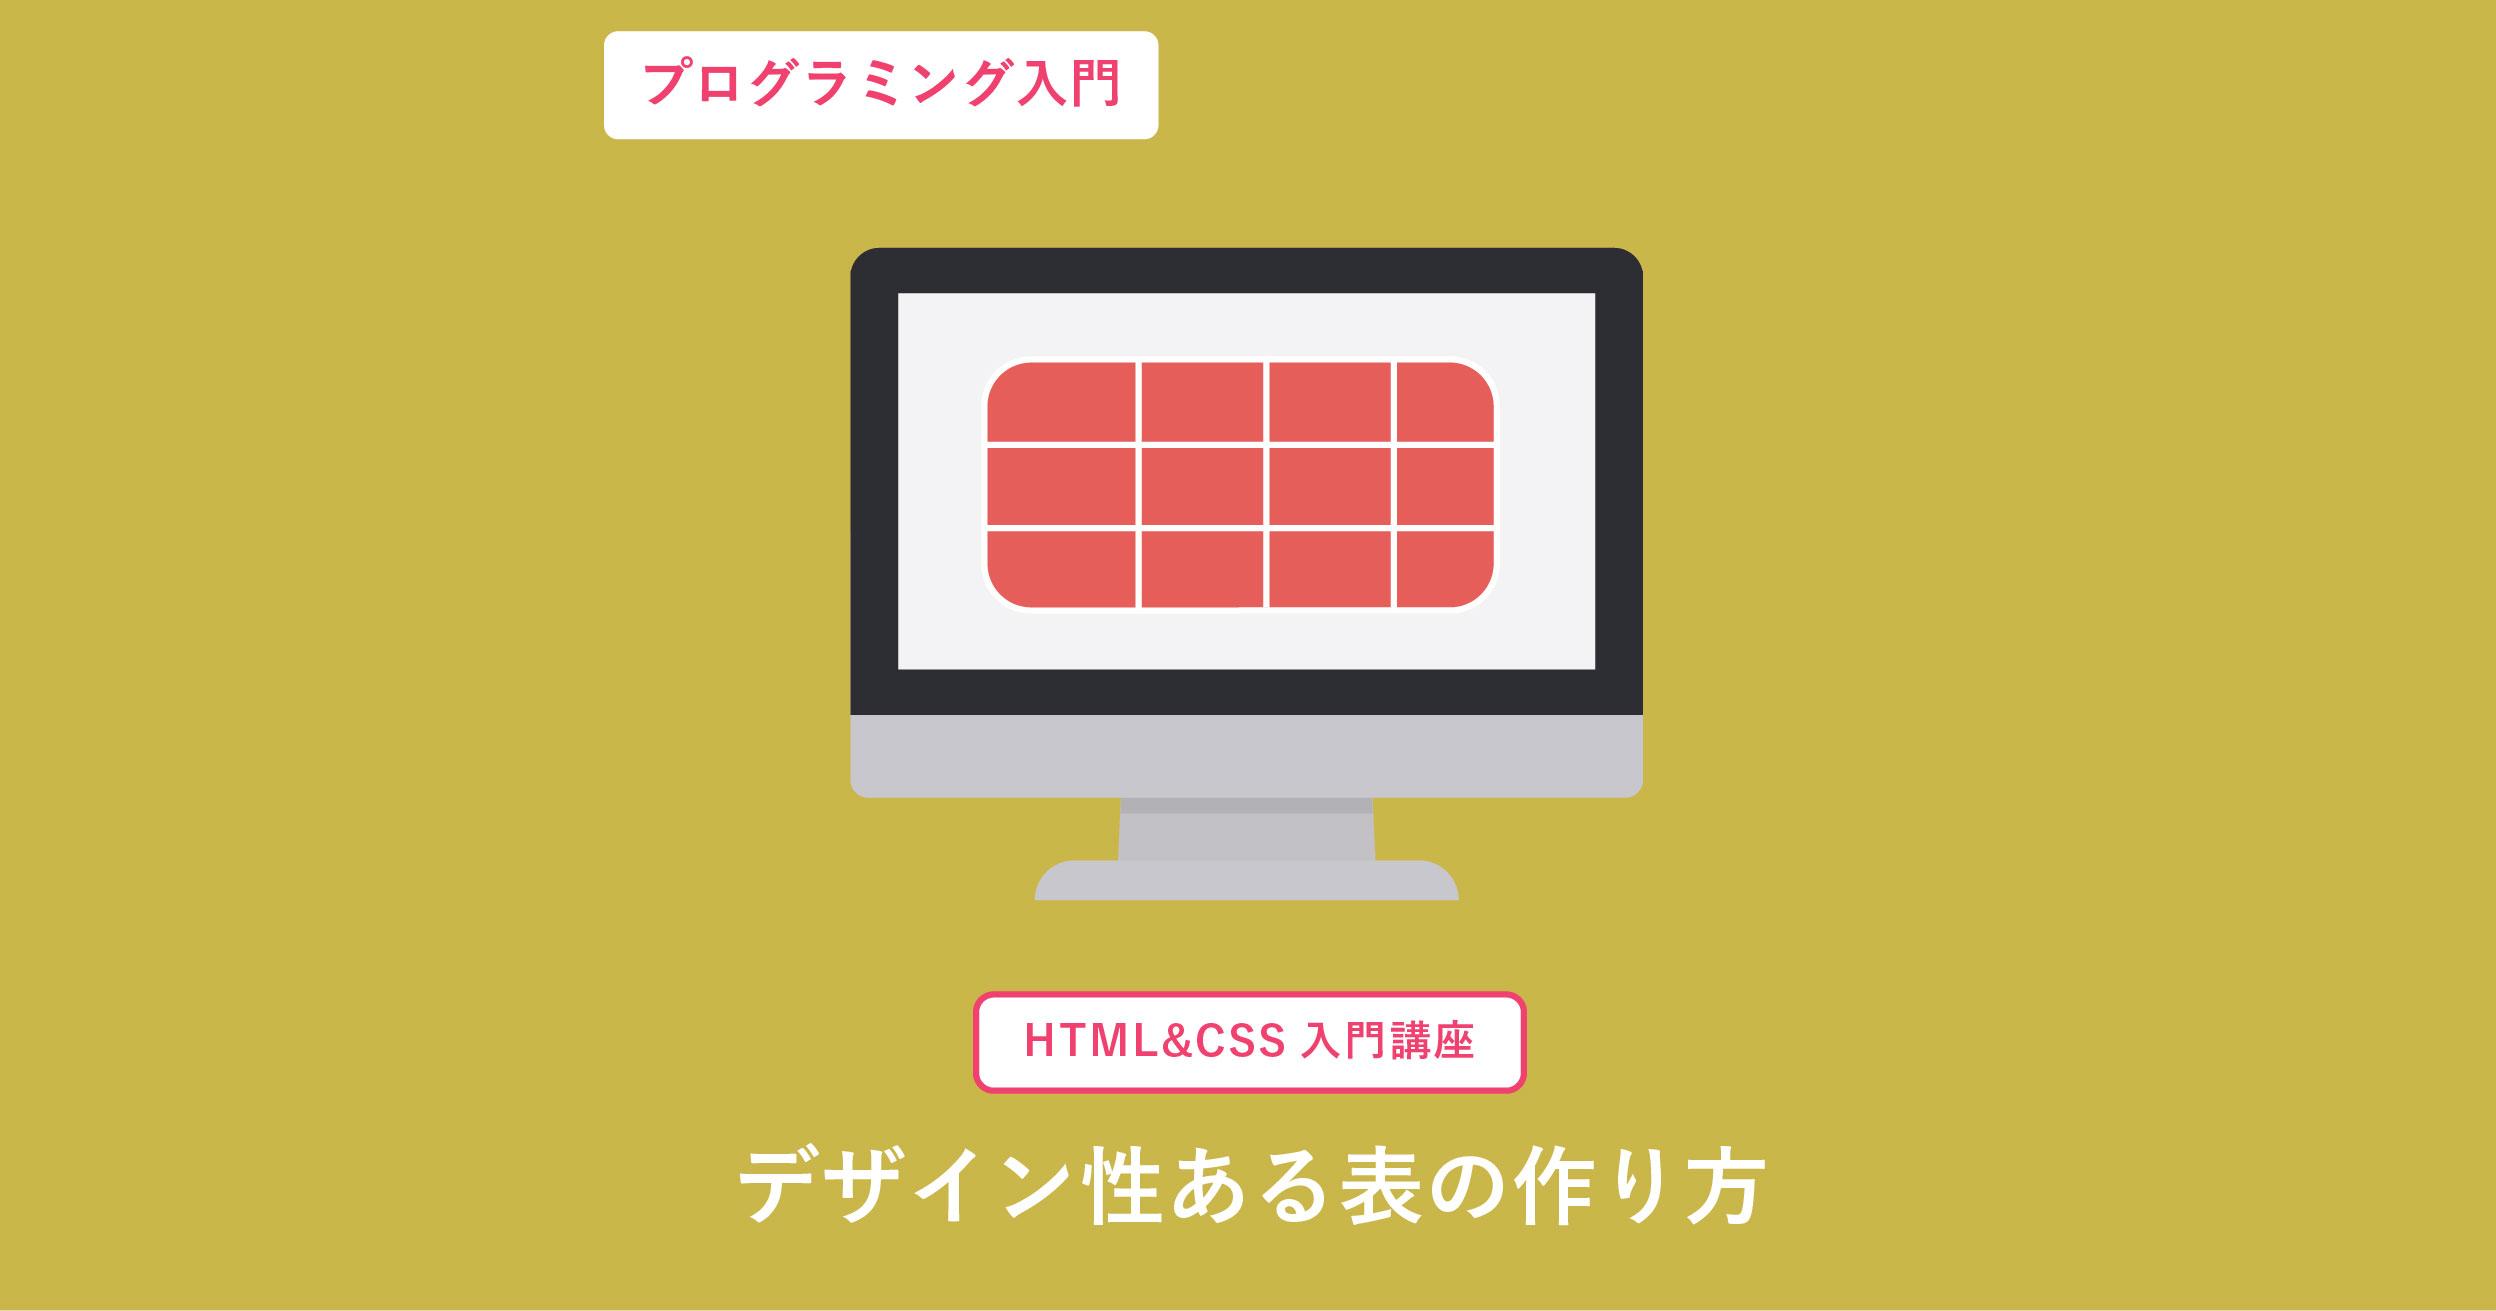 【HTML table】表作成からレイアウトの方法まで完全網羅